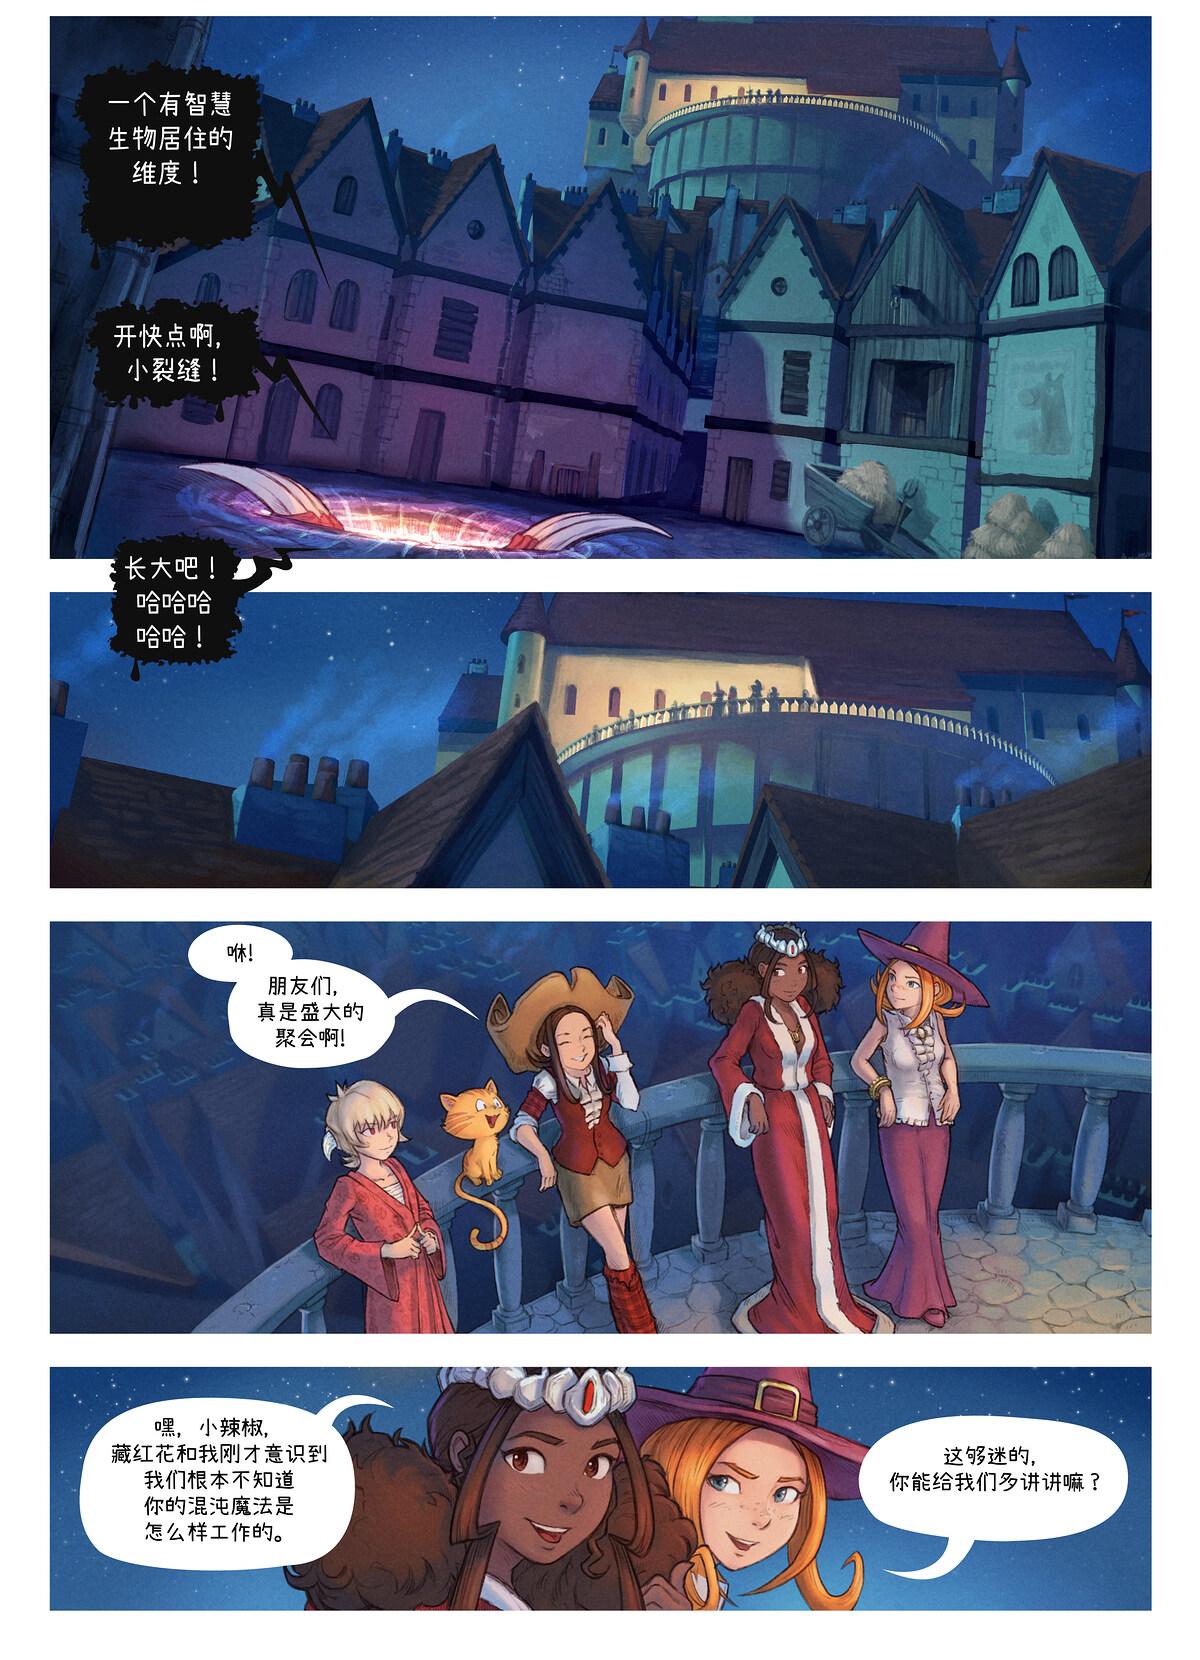 第29集:世界毁灭者, Page 2